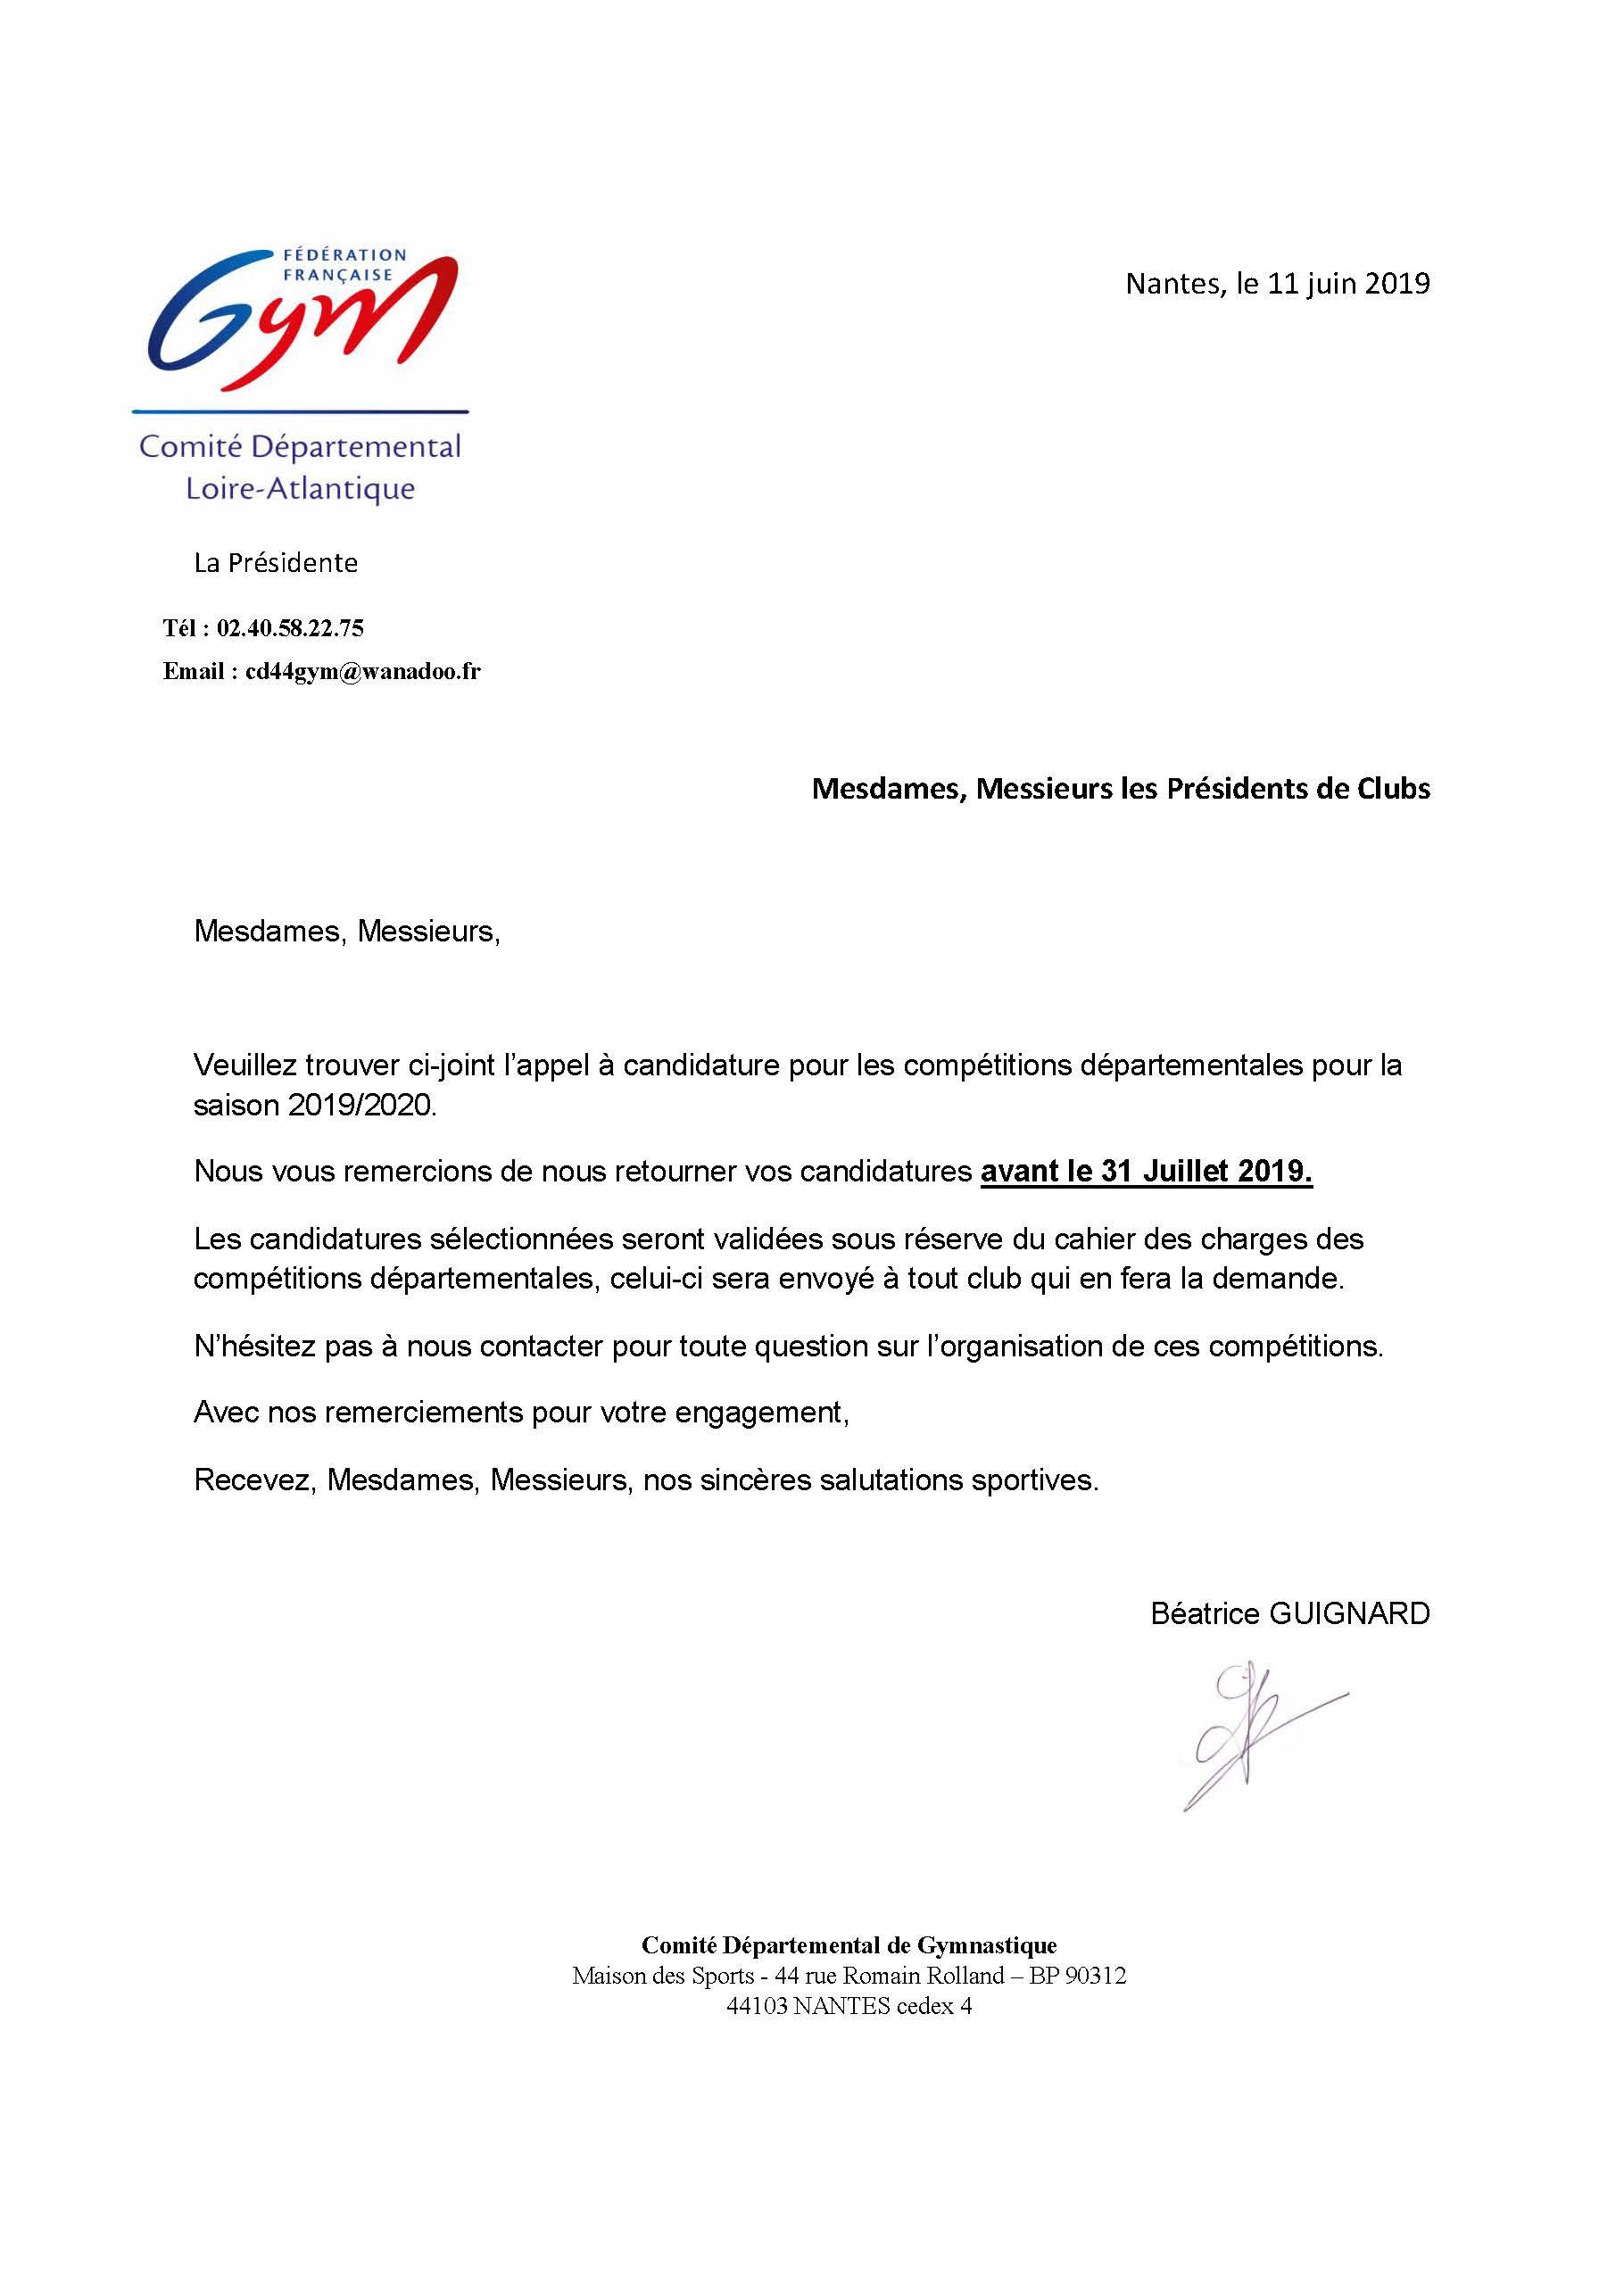 Courrier Candidatures Compétitions Départementales 2019 2020